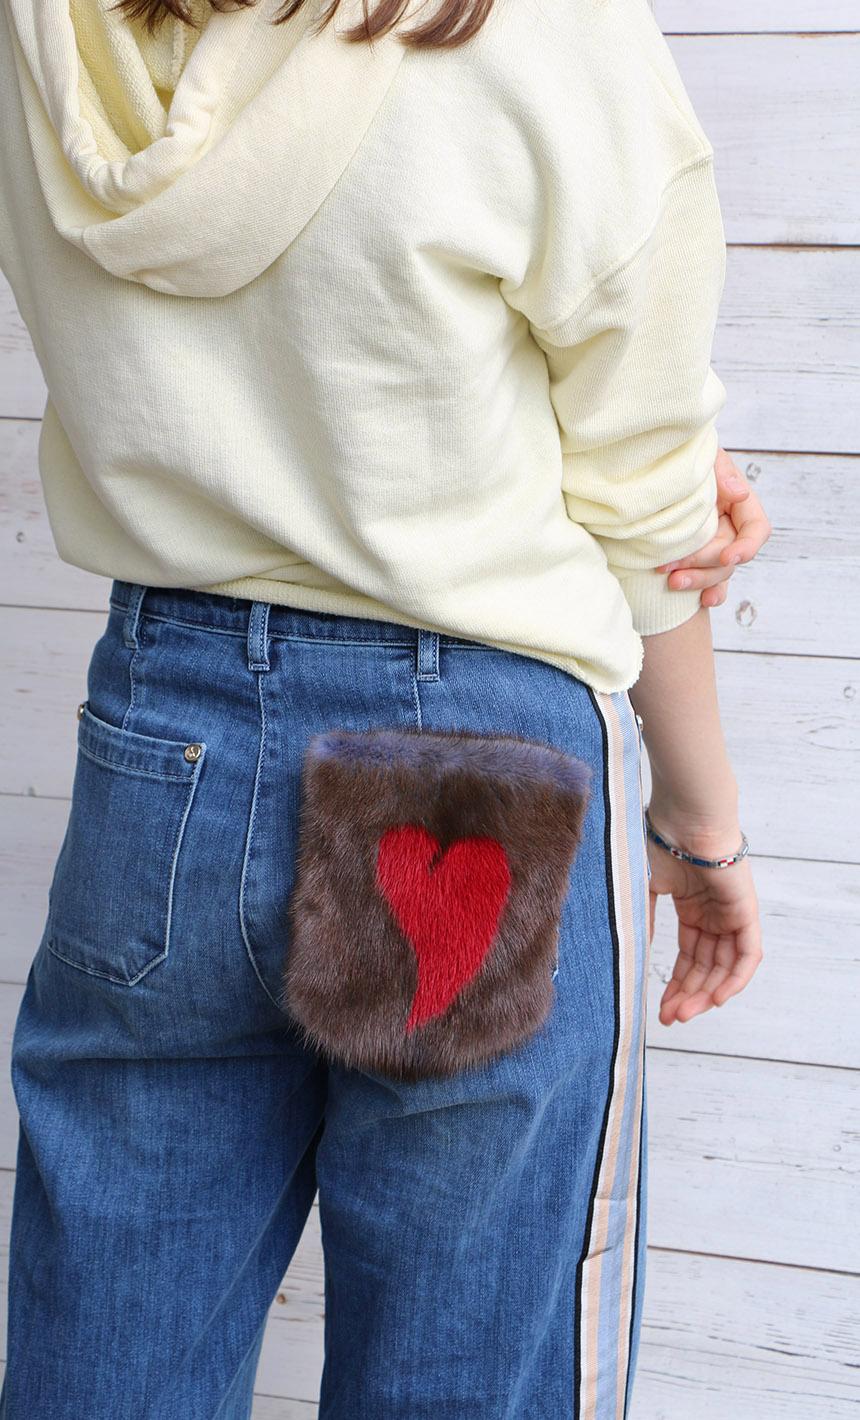 Jeans con pelliccia: tasca di visone da applicare sul denim